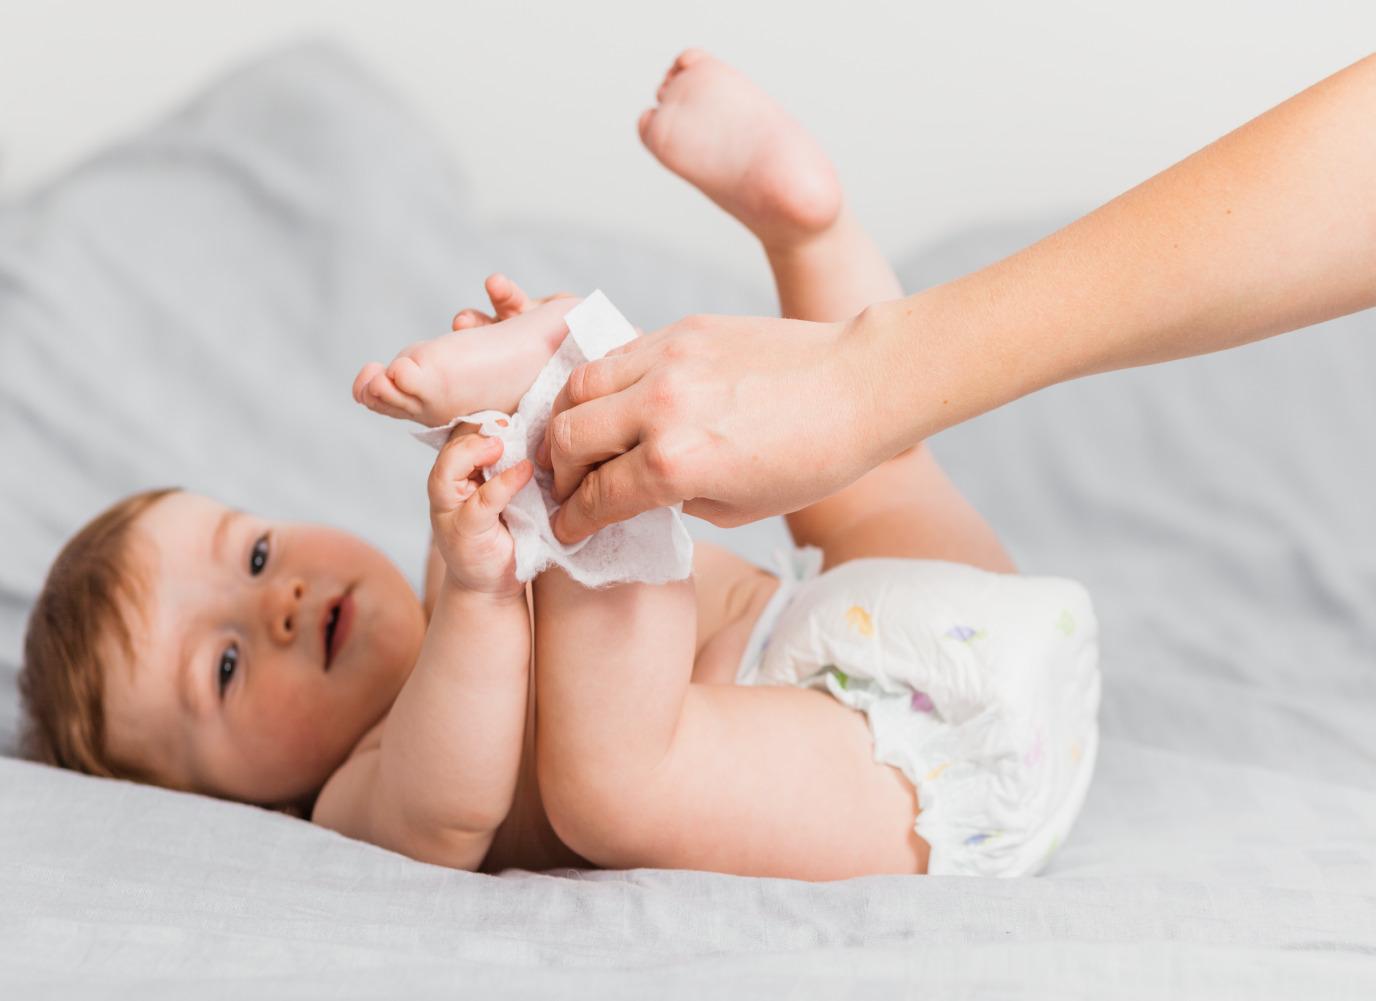 Những tính năng tuyệt vời của khăn khô đa năng dành cho bé yêu